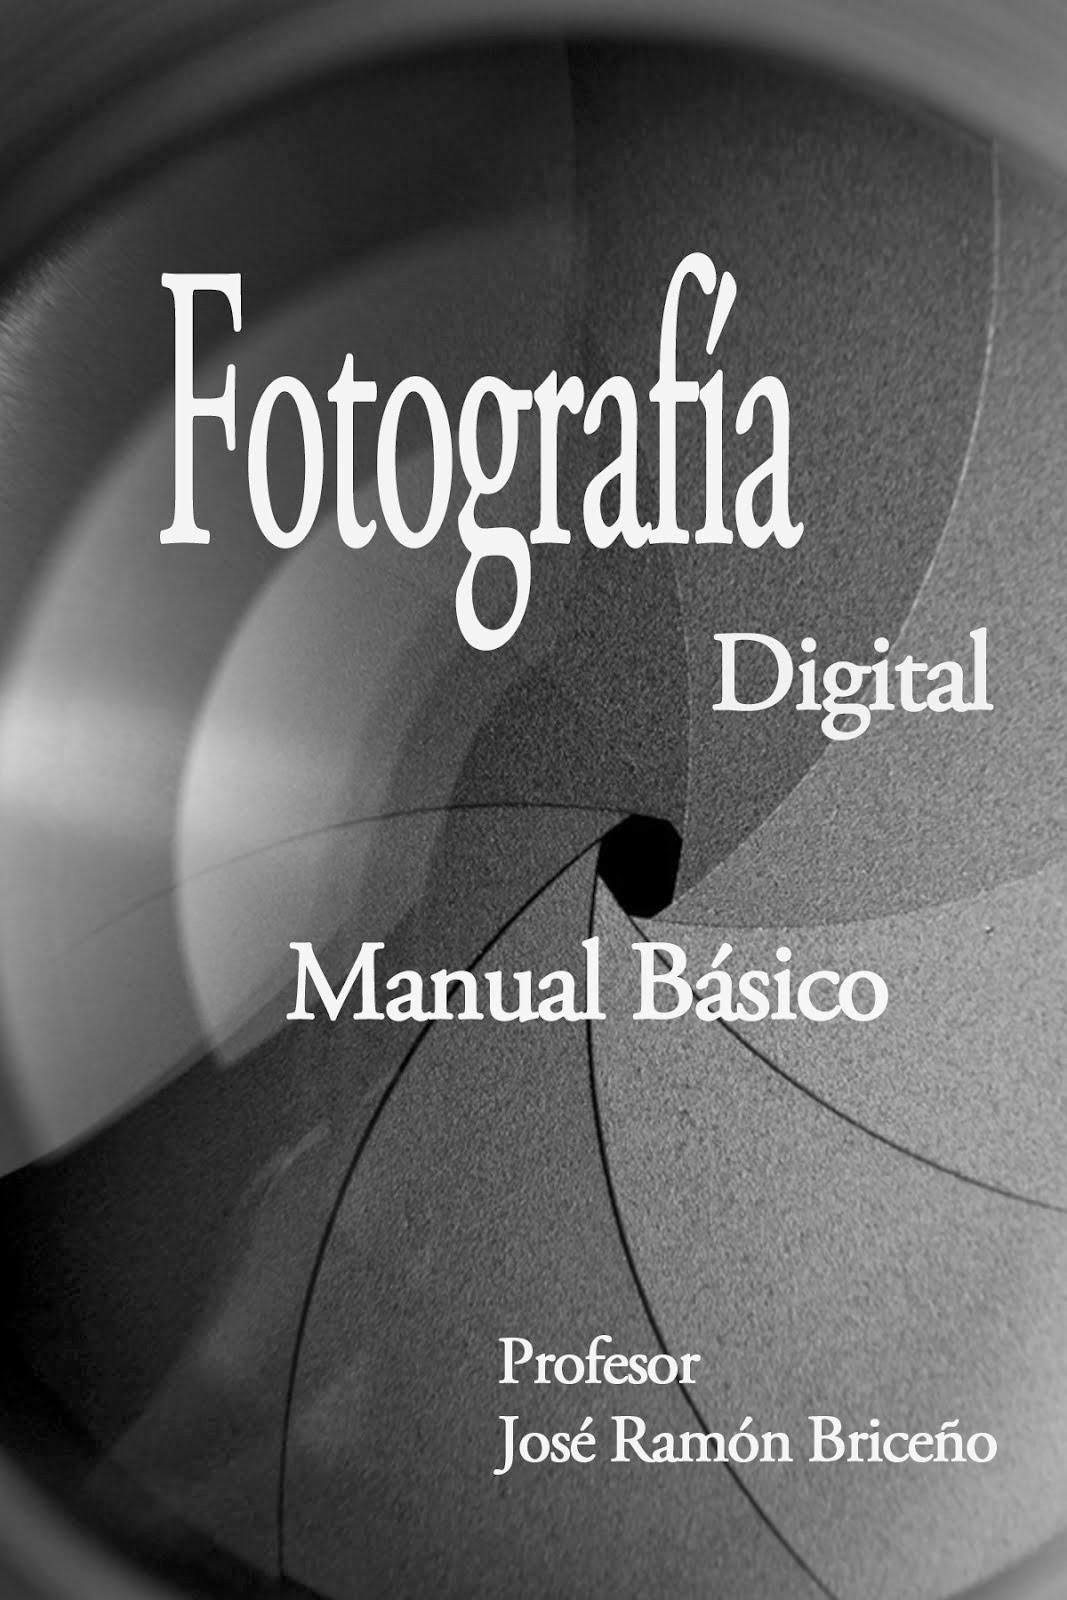 Manual Básico de fotografía digital